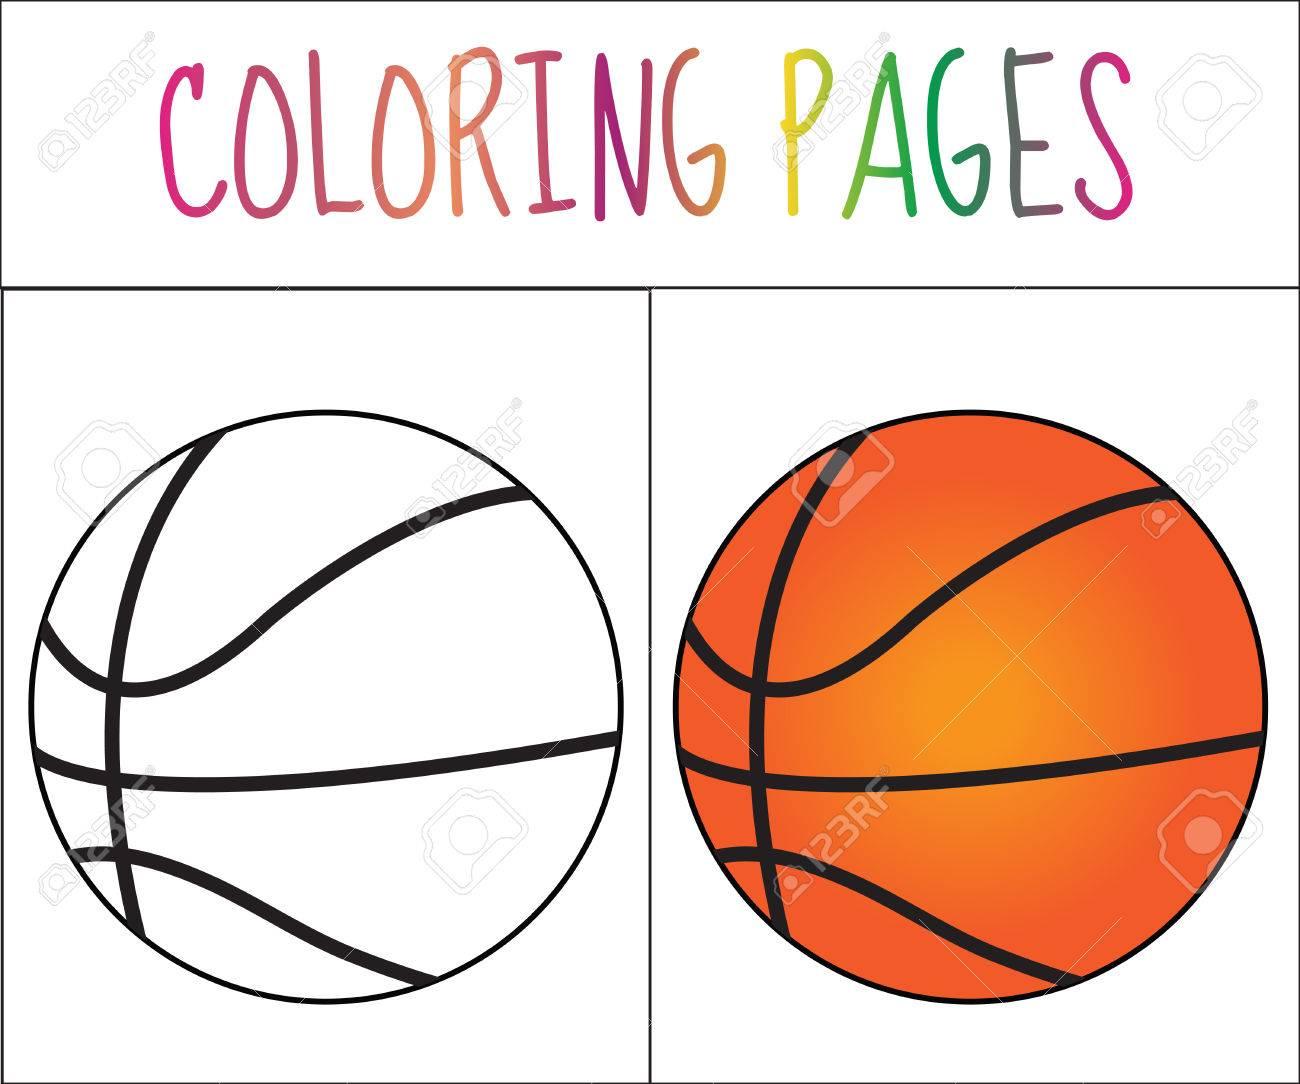 Page De Livre A Colorier Ballon De Basket Ball Esquisse Et Version Couleur Coloriage Pour Les Enfants Illustration Vectorielle Clip Art Libres De Droits Vecteurs Et Illustration Image 62003810